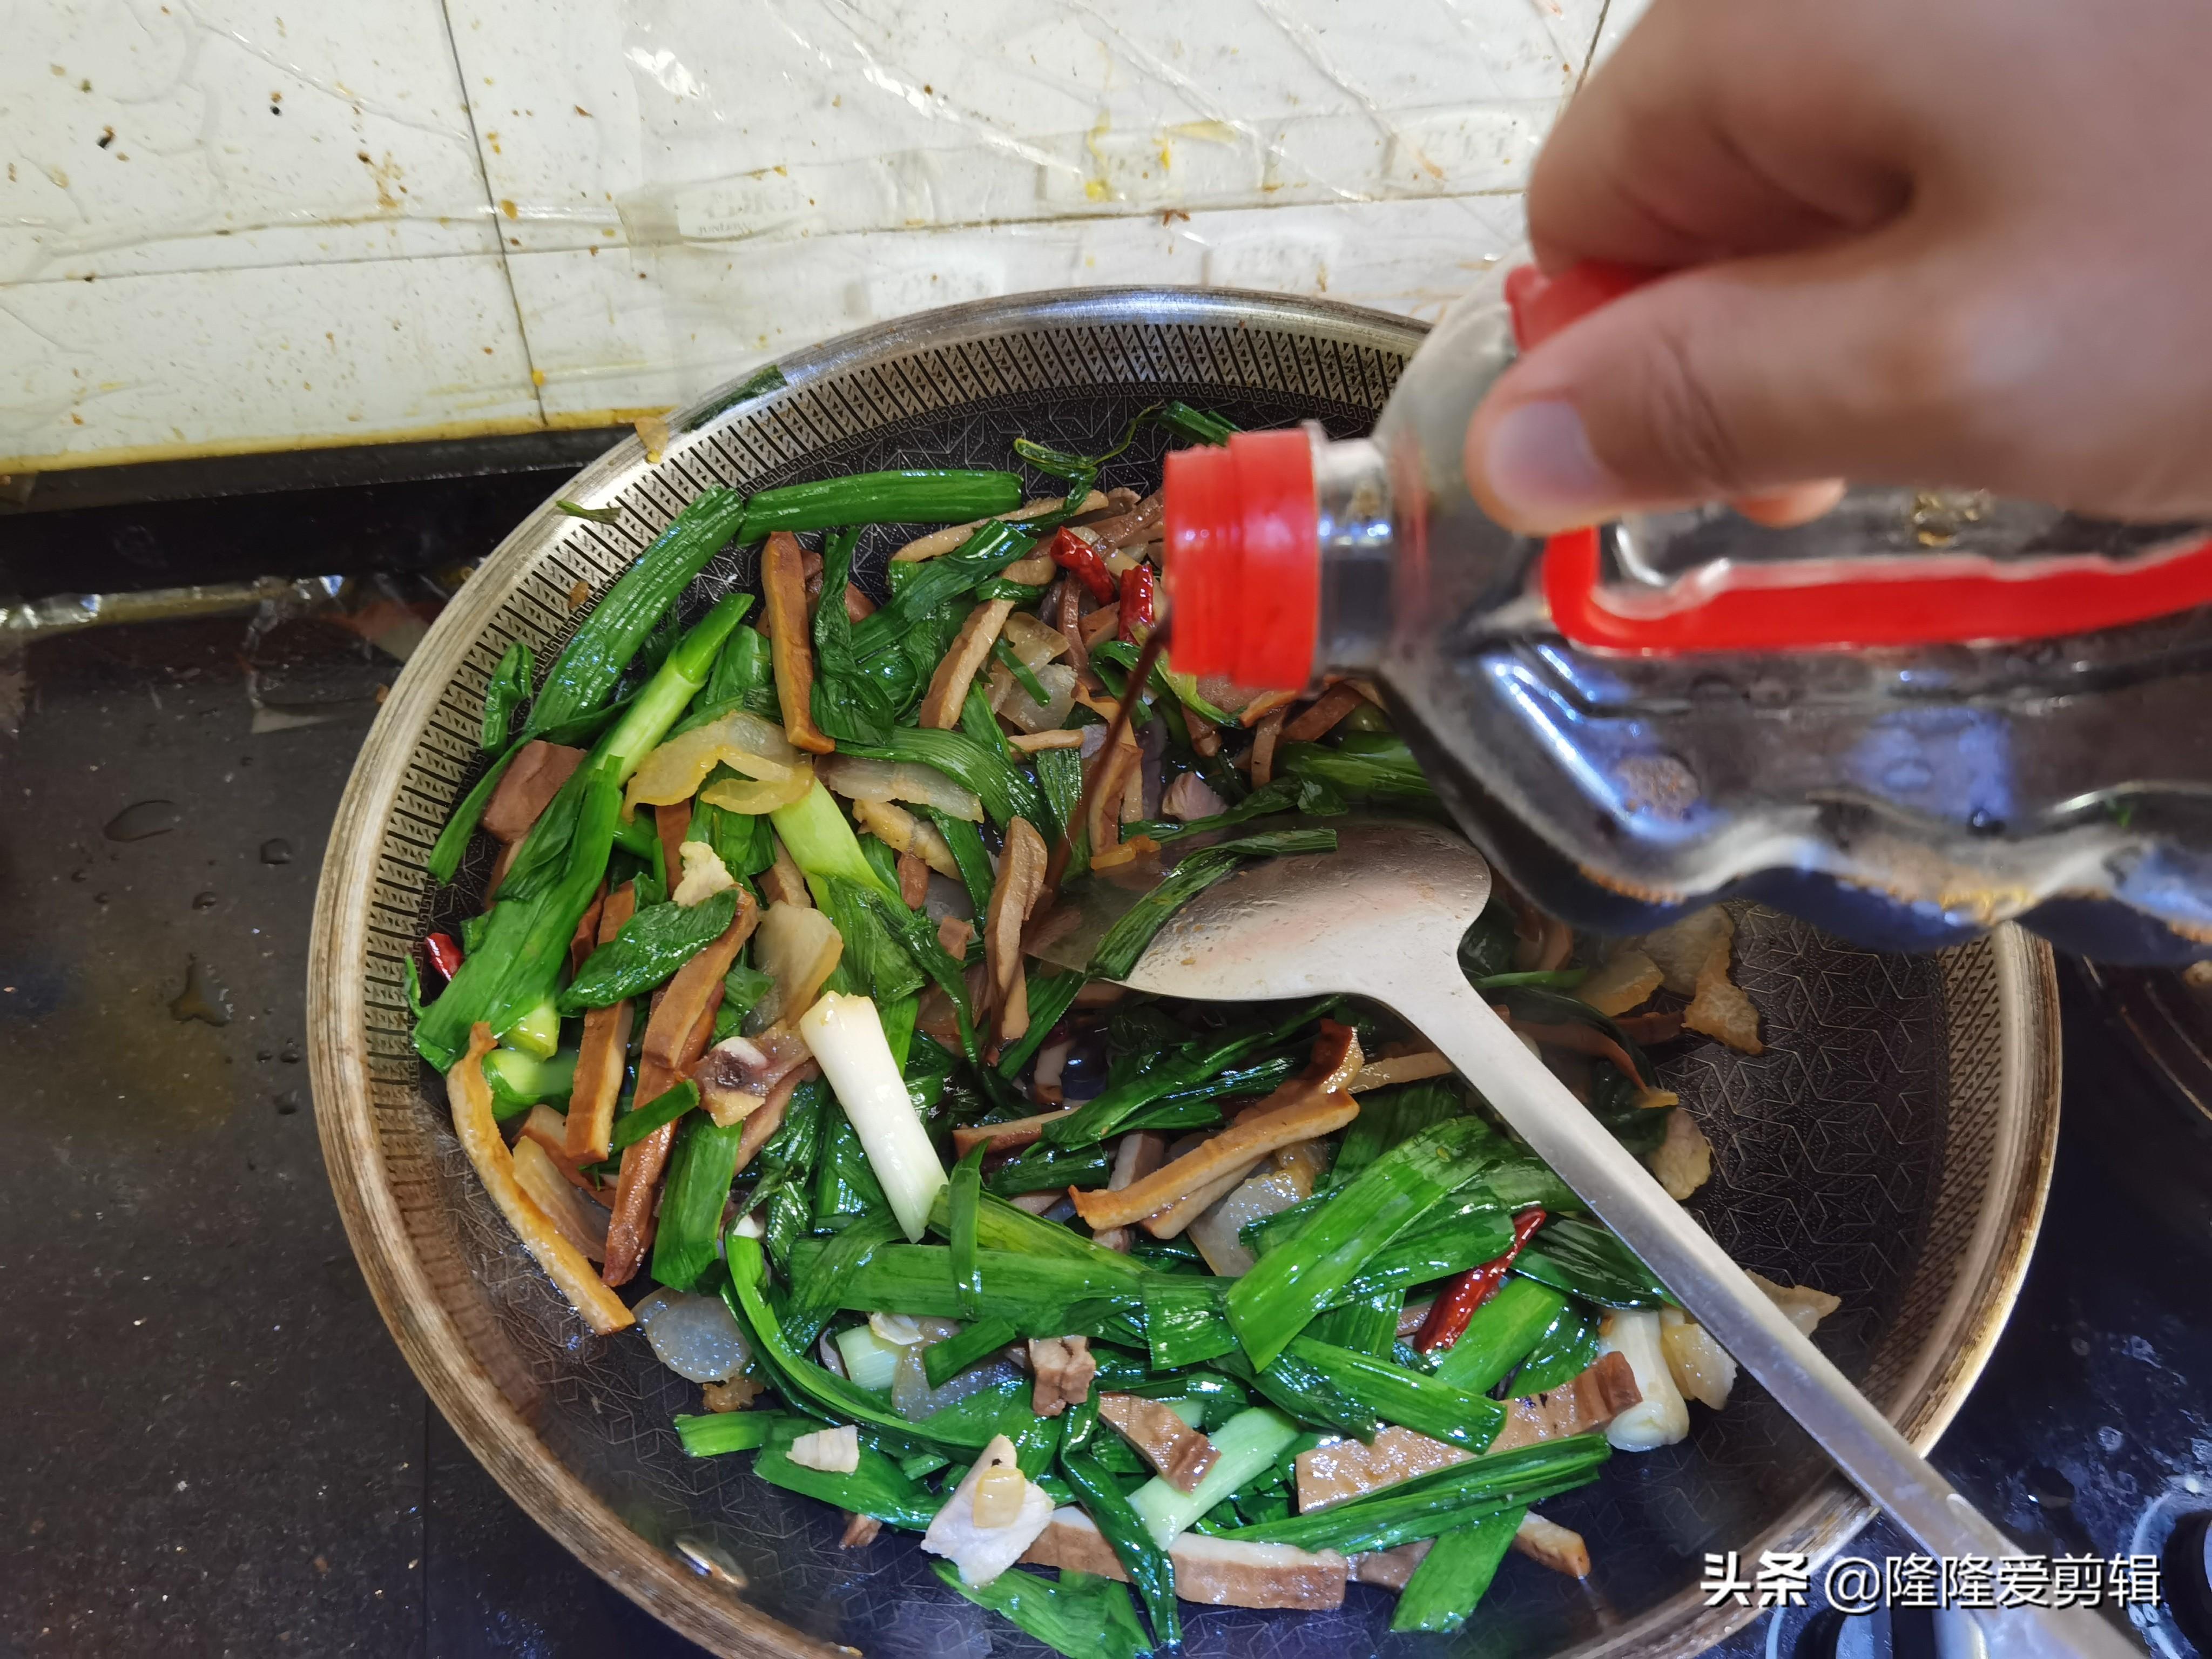 徽菜代表之一,风味独特鲜香四溢 徽菜菜谱 第4张